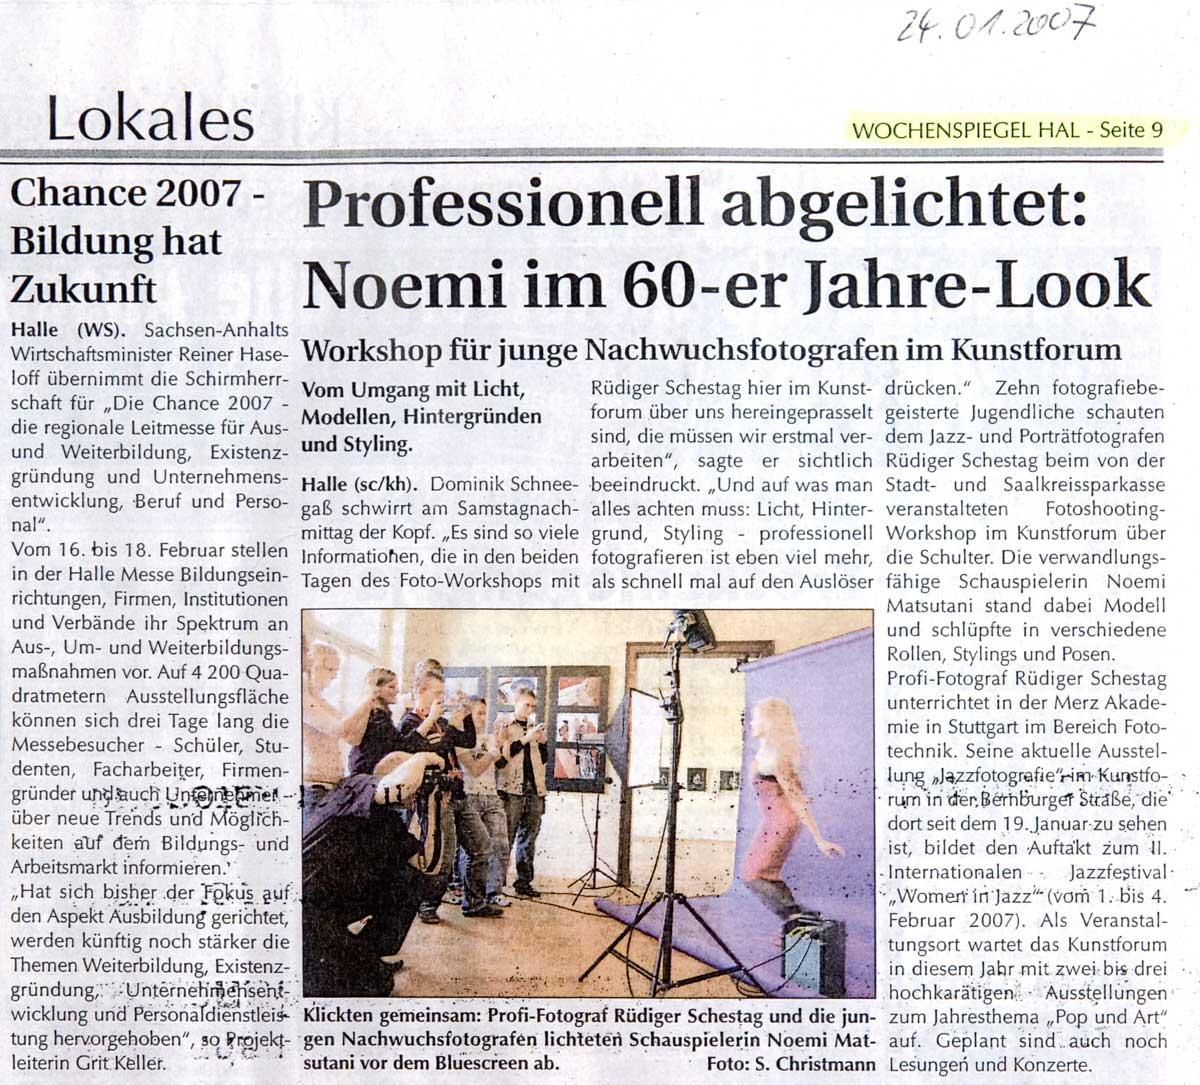 200701_wochenspiegel